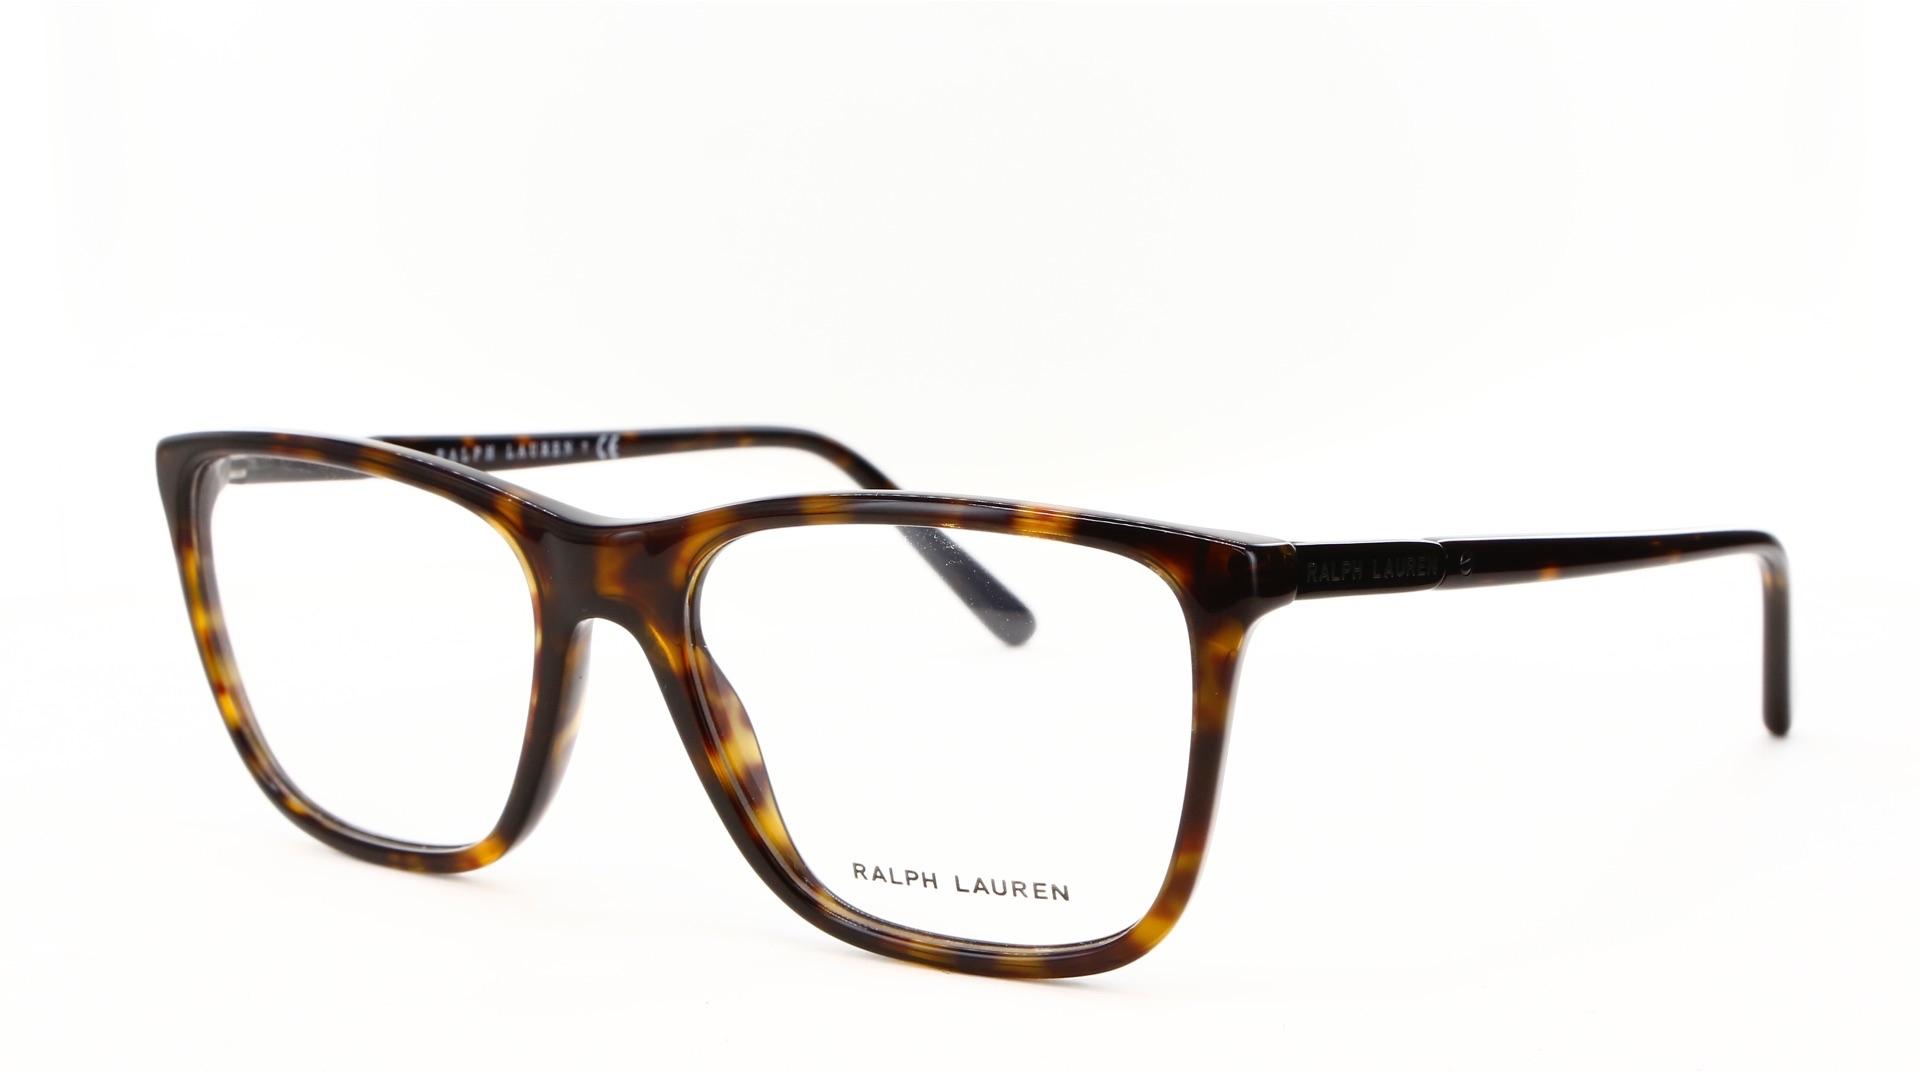 Polo Ralph Lauren - ref: 78622